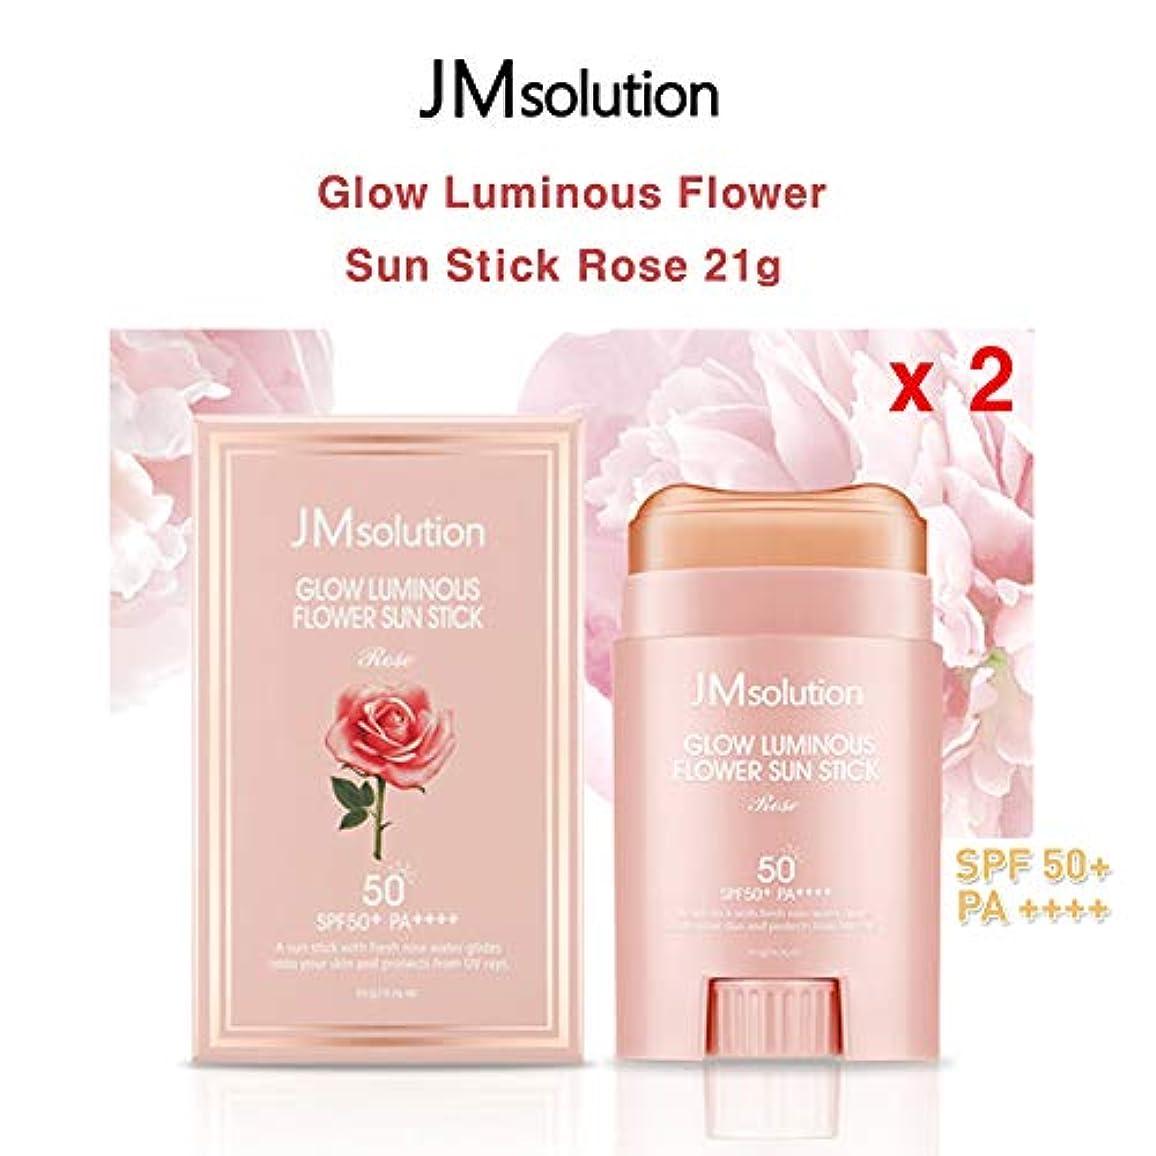 マントル複雑噂JM Solution ★1+1★ Glow Luminous Flower Sun Stick Rose 21g (spf50 PA) 光る輝く花Sun Stick Rose